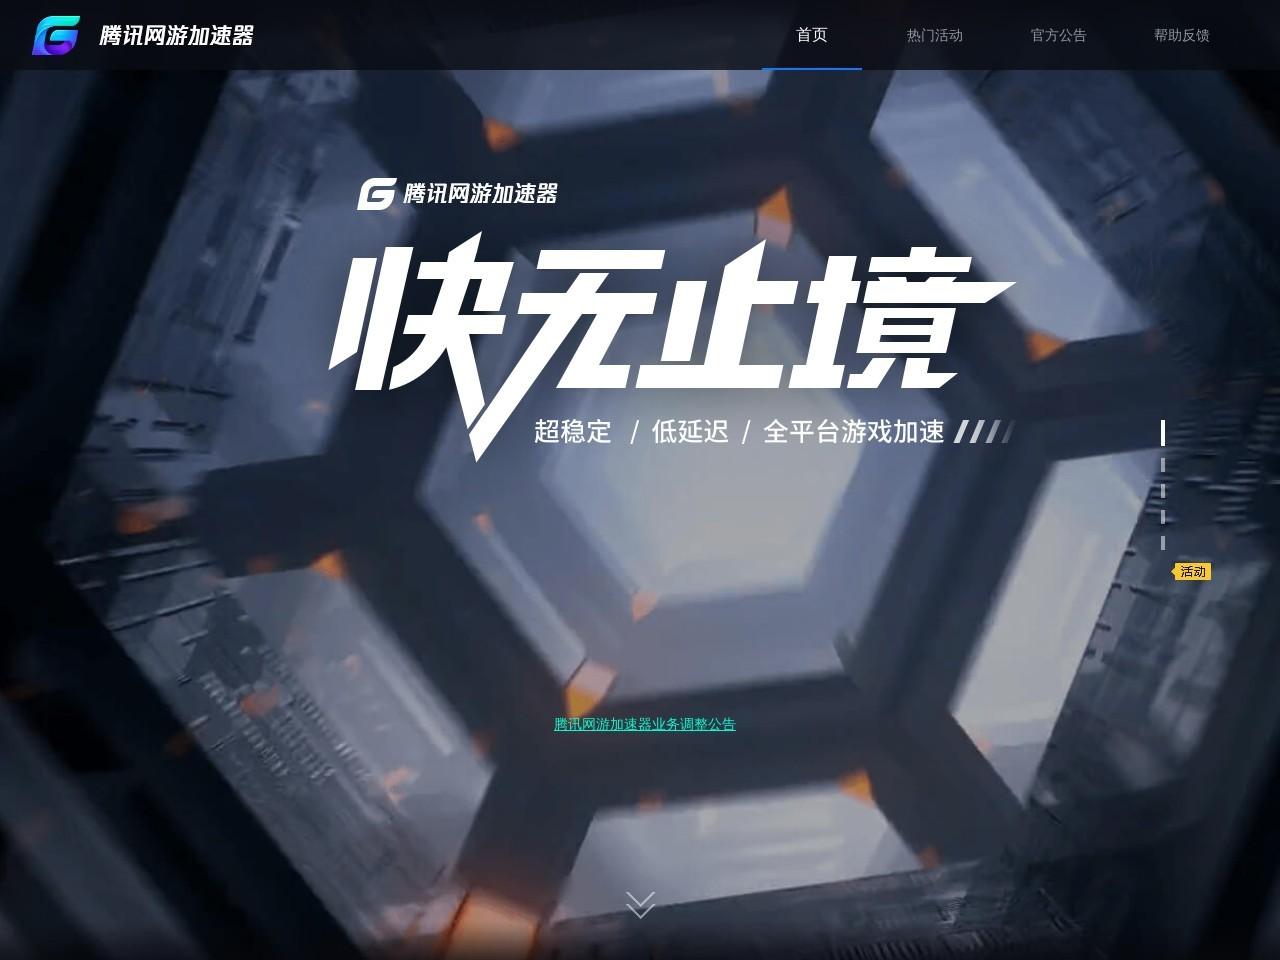 腾讯网游加速器首页